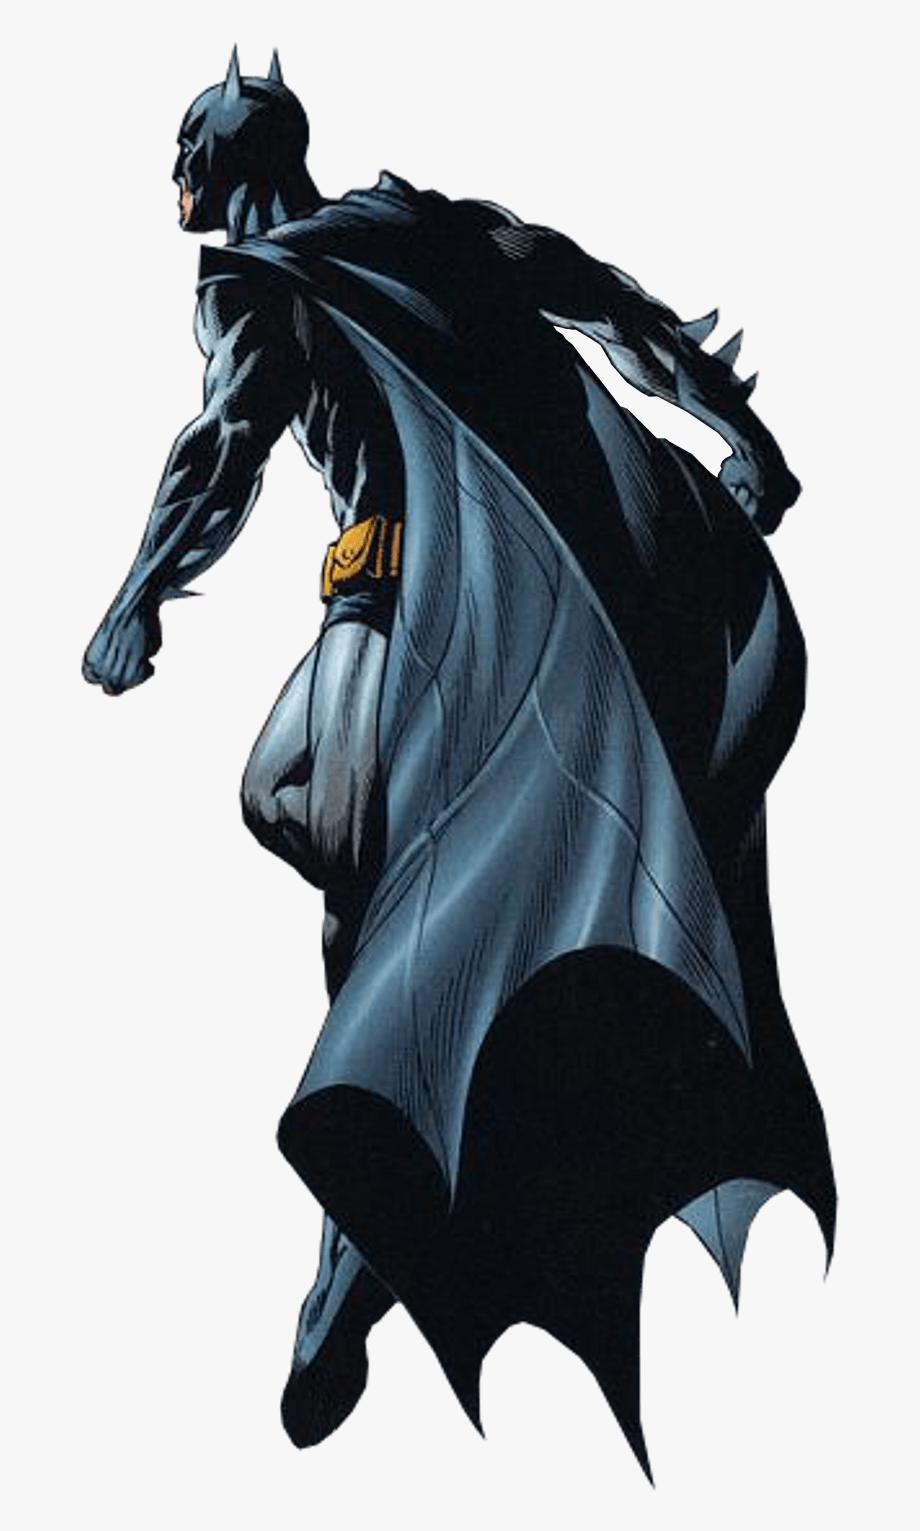 Batman clipart batman character. Svg png transparent cartoon